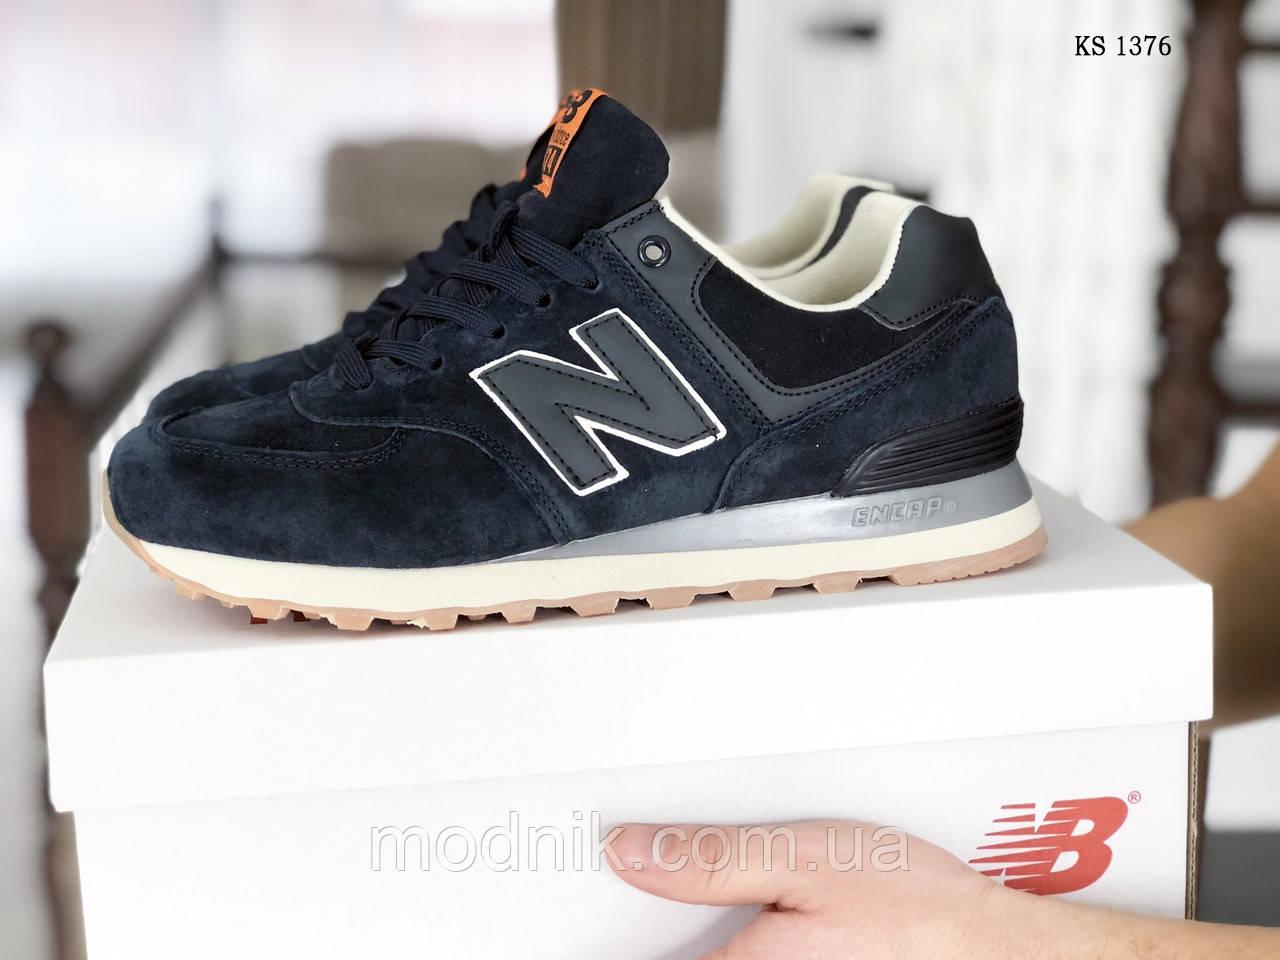 Мужские замшевые кроссовки New Balance 574 (синие) KS 1376